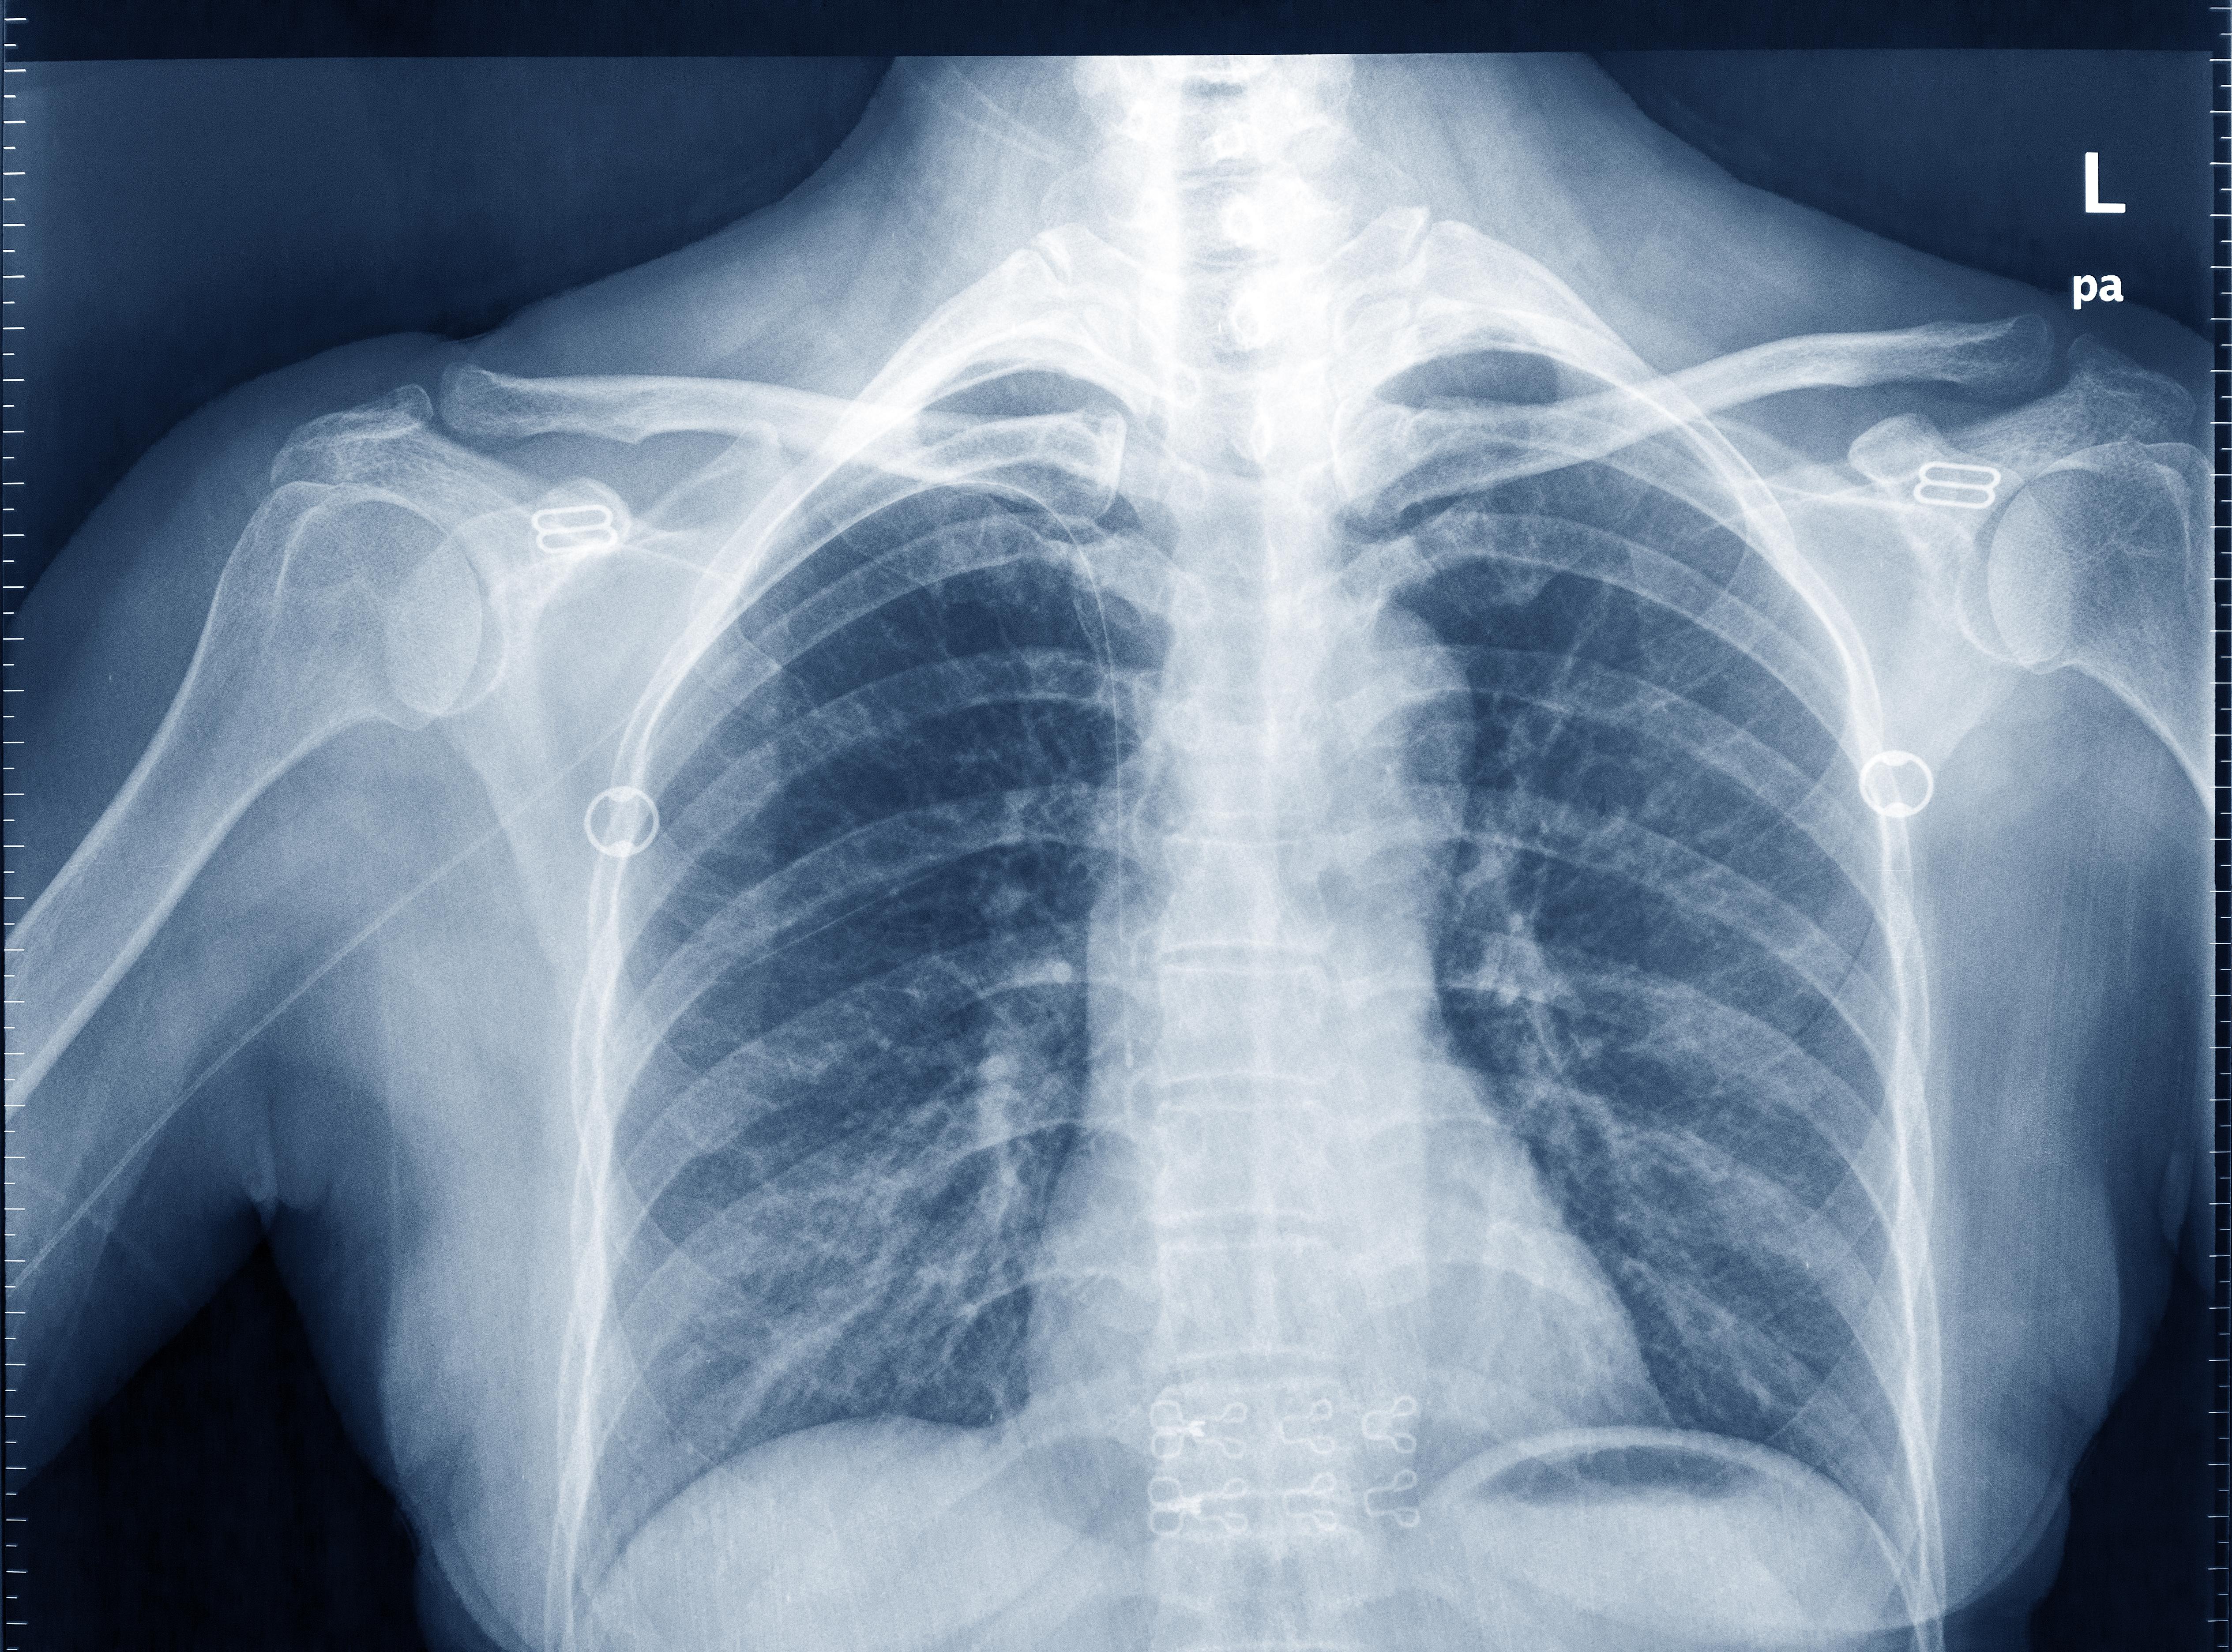 Vi kallar det Röntgenstrålar, men Wilhelm Conrad Röntgen själv tog inget patent på sina konstruktioner och kallade alltid strålarna för X-strålar.